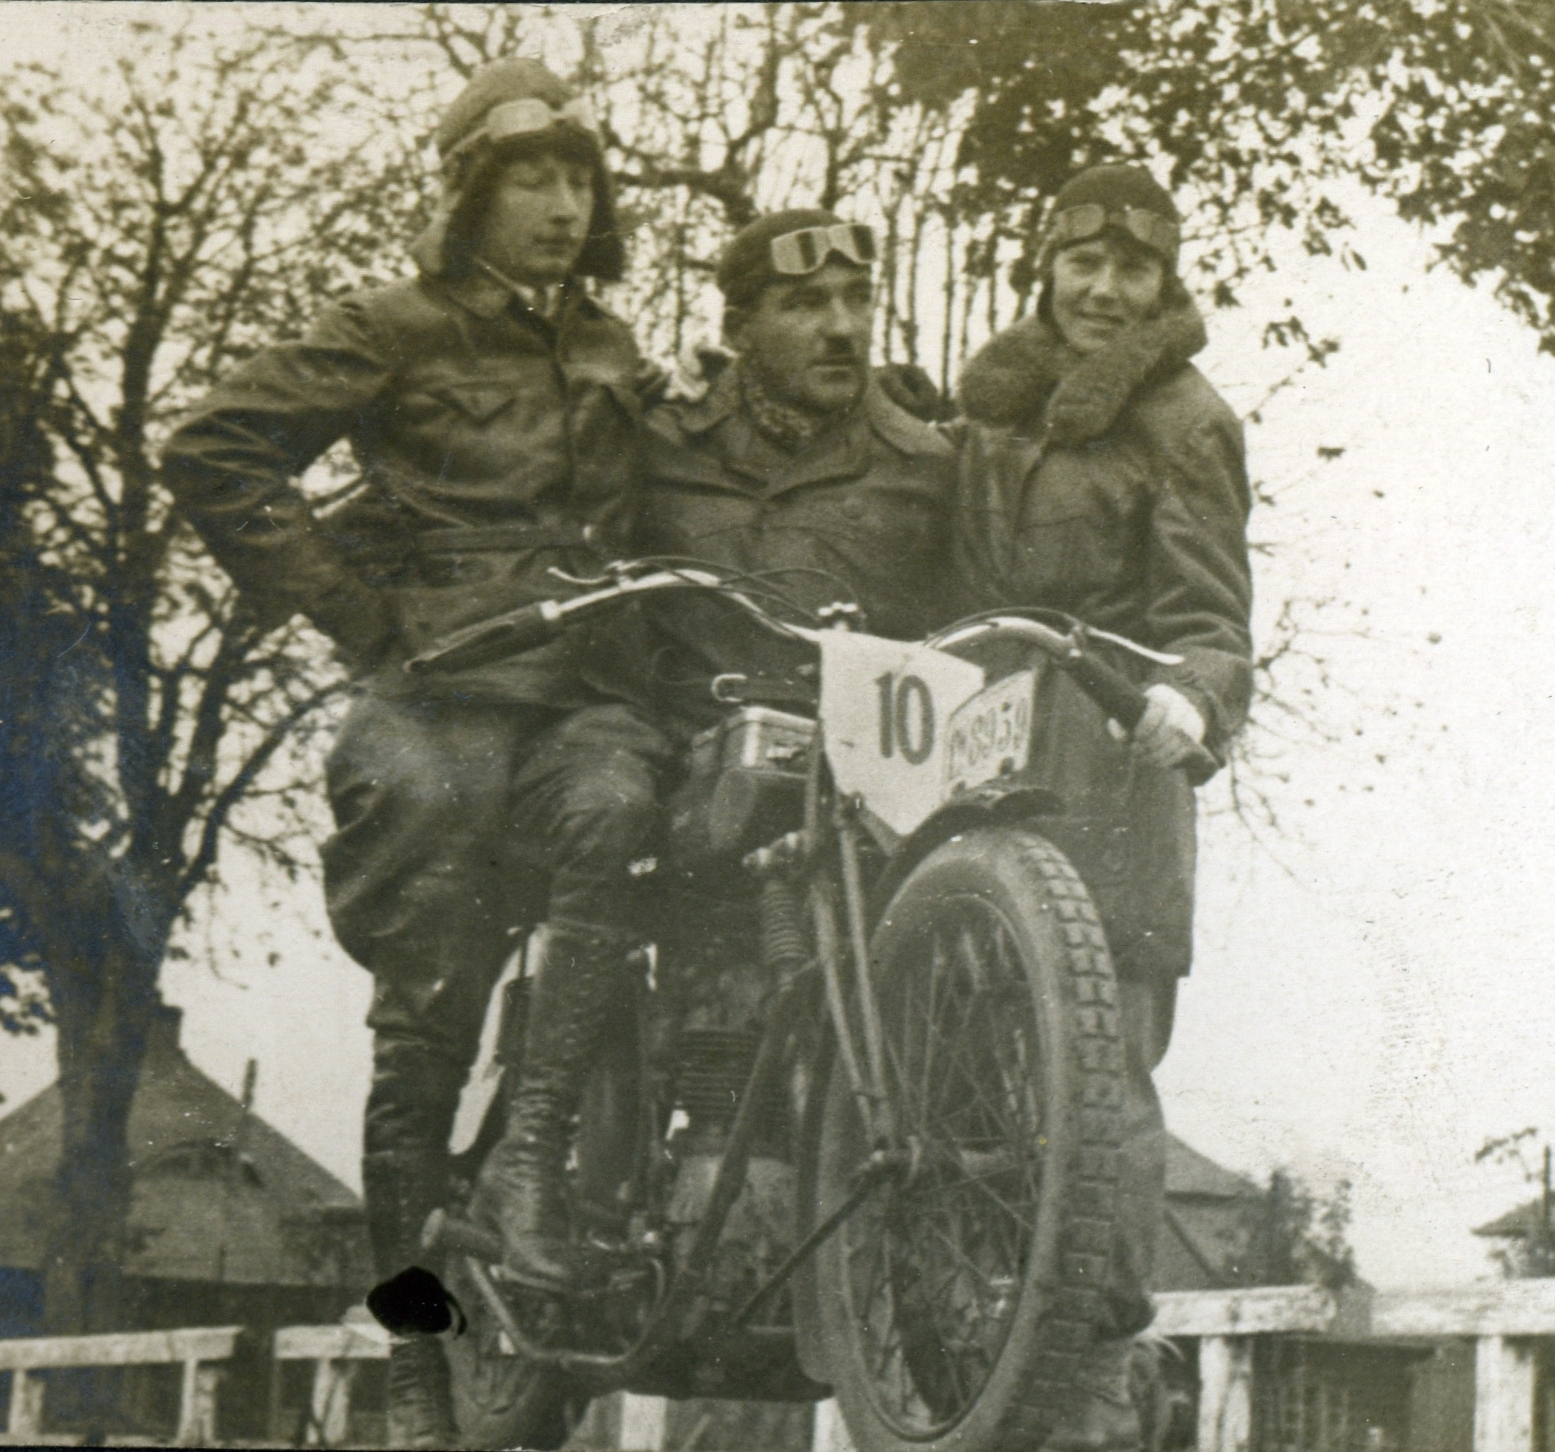 Kwiat lwowskiego motocyklizmu przełomu lat 20. i 30., od lewej: Rudawski, Kustanowicz, Loteczkowa.